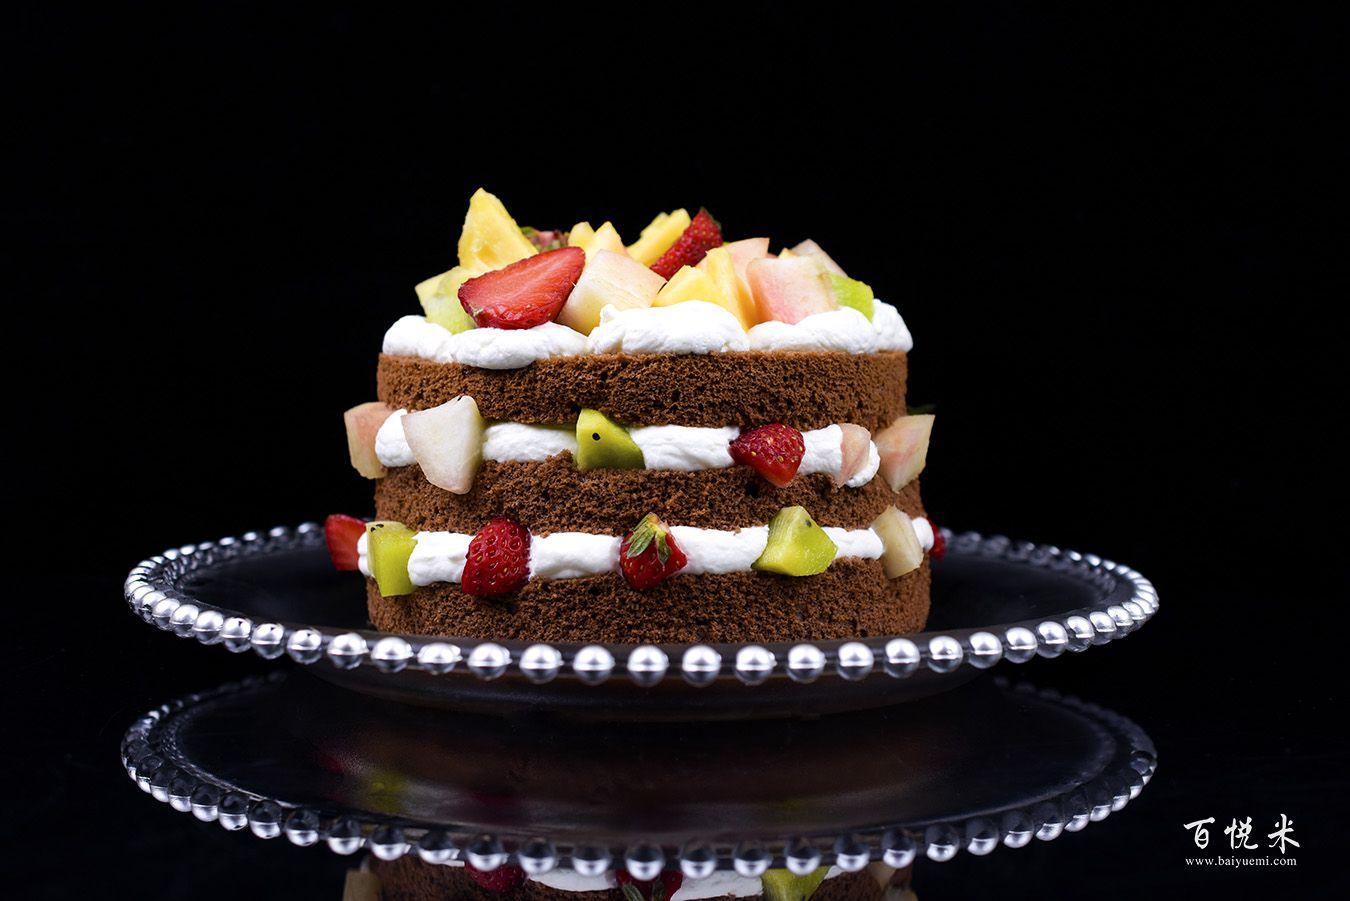 巧克力裸蛋糕高清图片大全【蛋糕图片】_1115